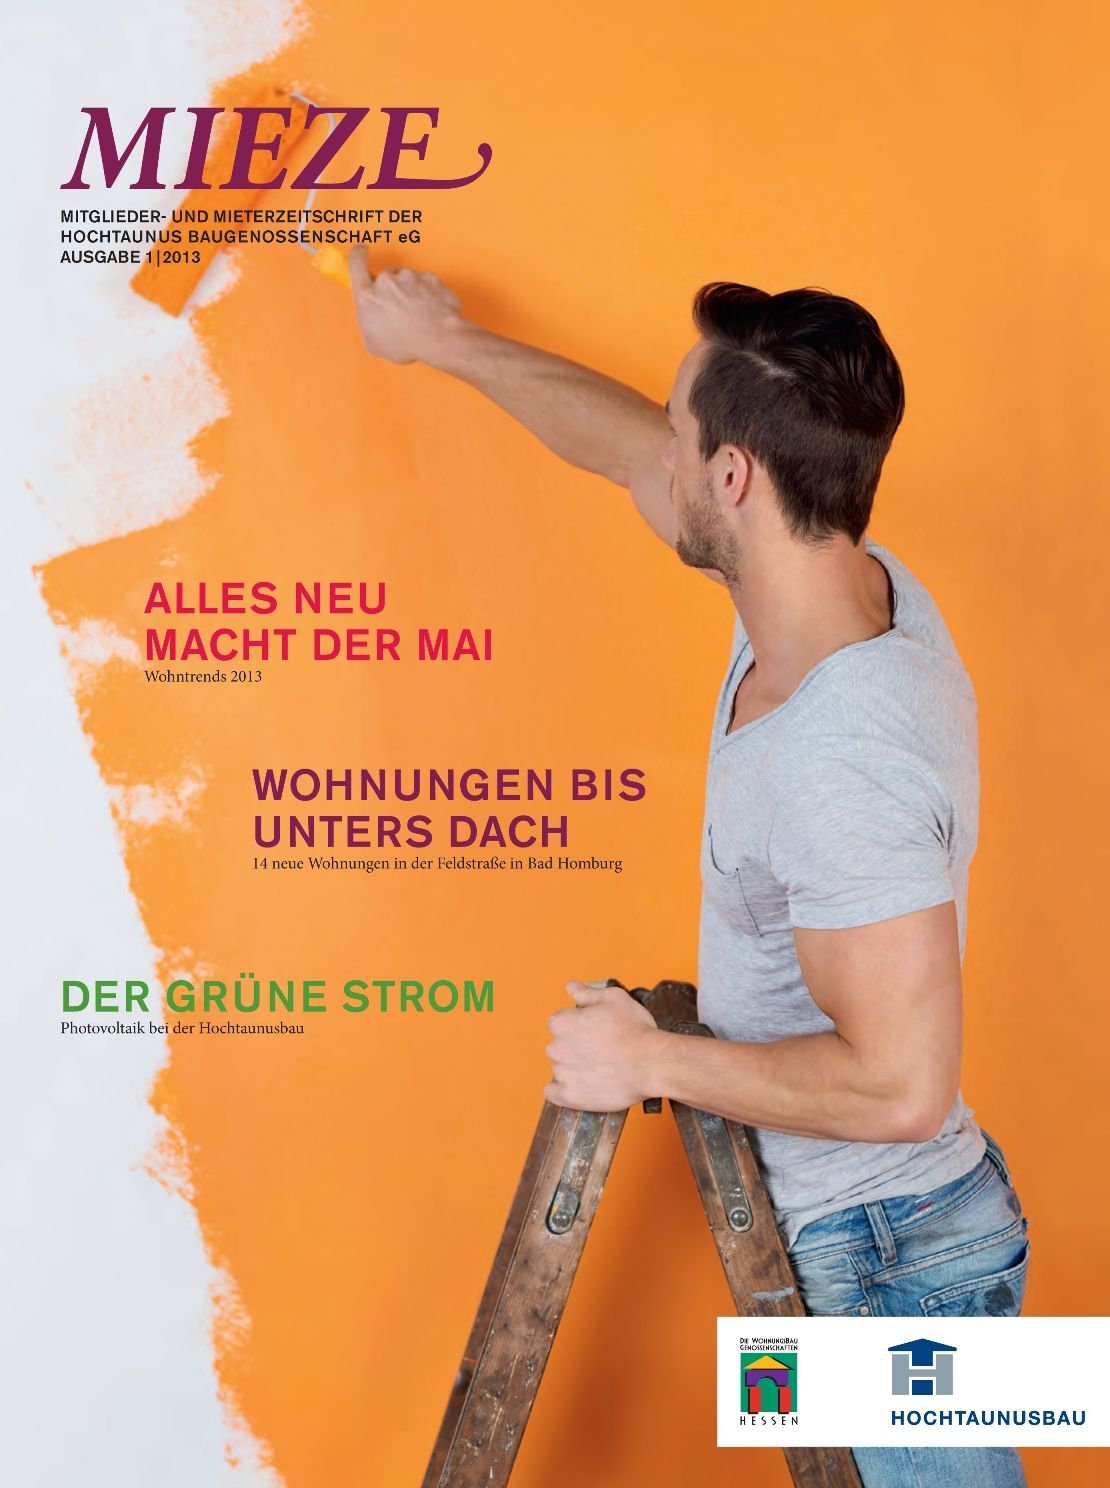 Von FuP entwickeltes Layout für eine Mieterzeitschrift. Mehr Informationen unter www.fup-kommunikation.de